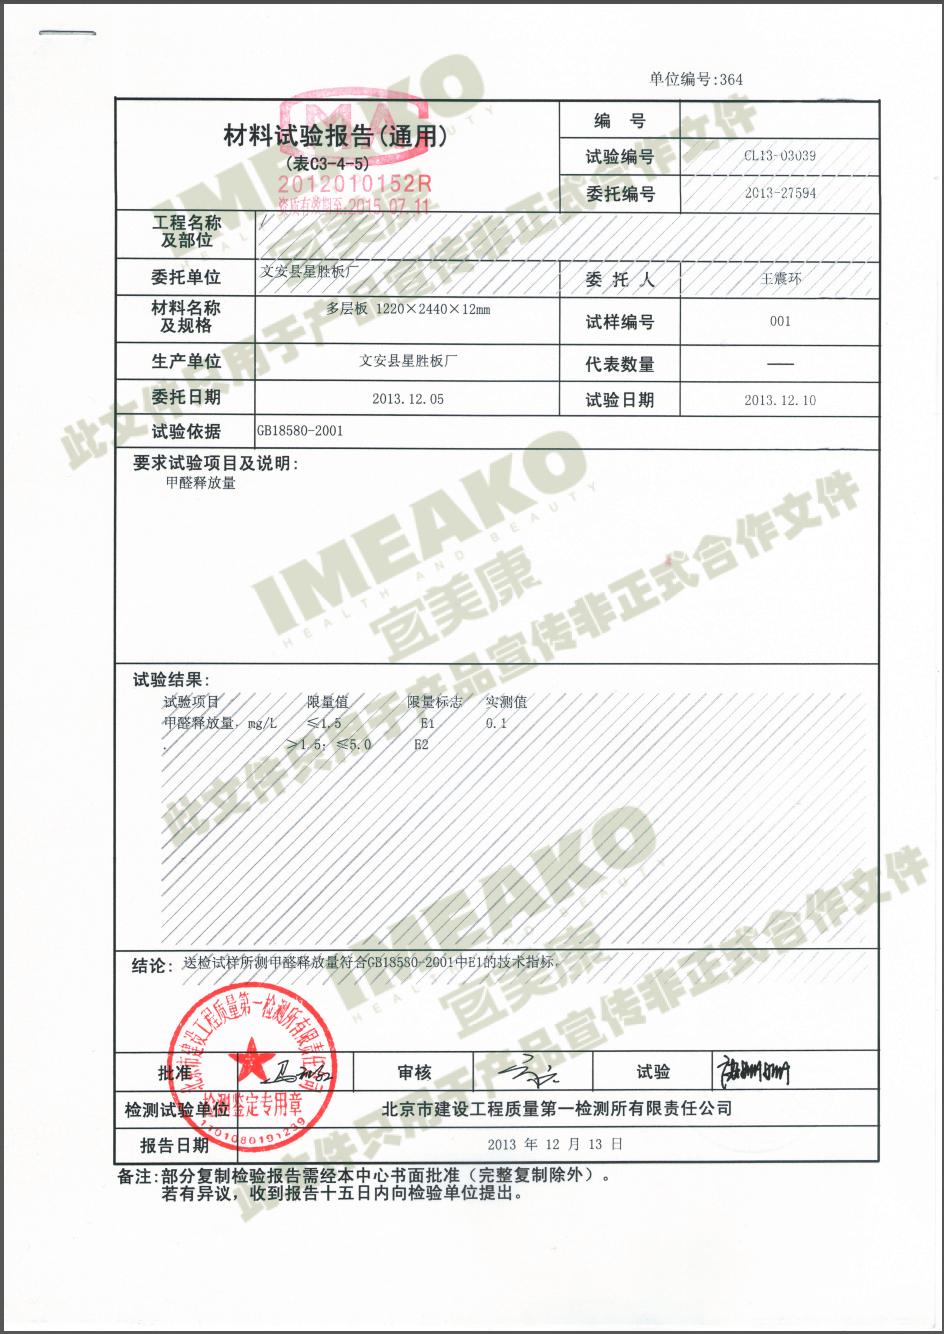 2013-12-13北京建设工程质量第一检测所有限责任公司12MM